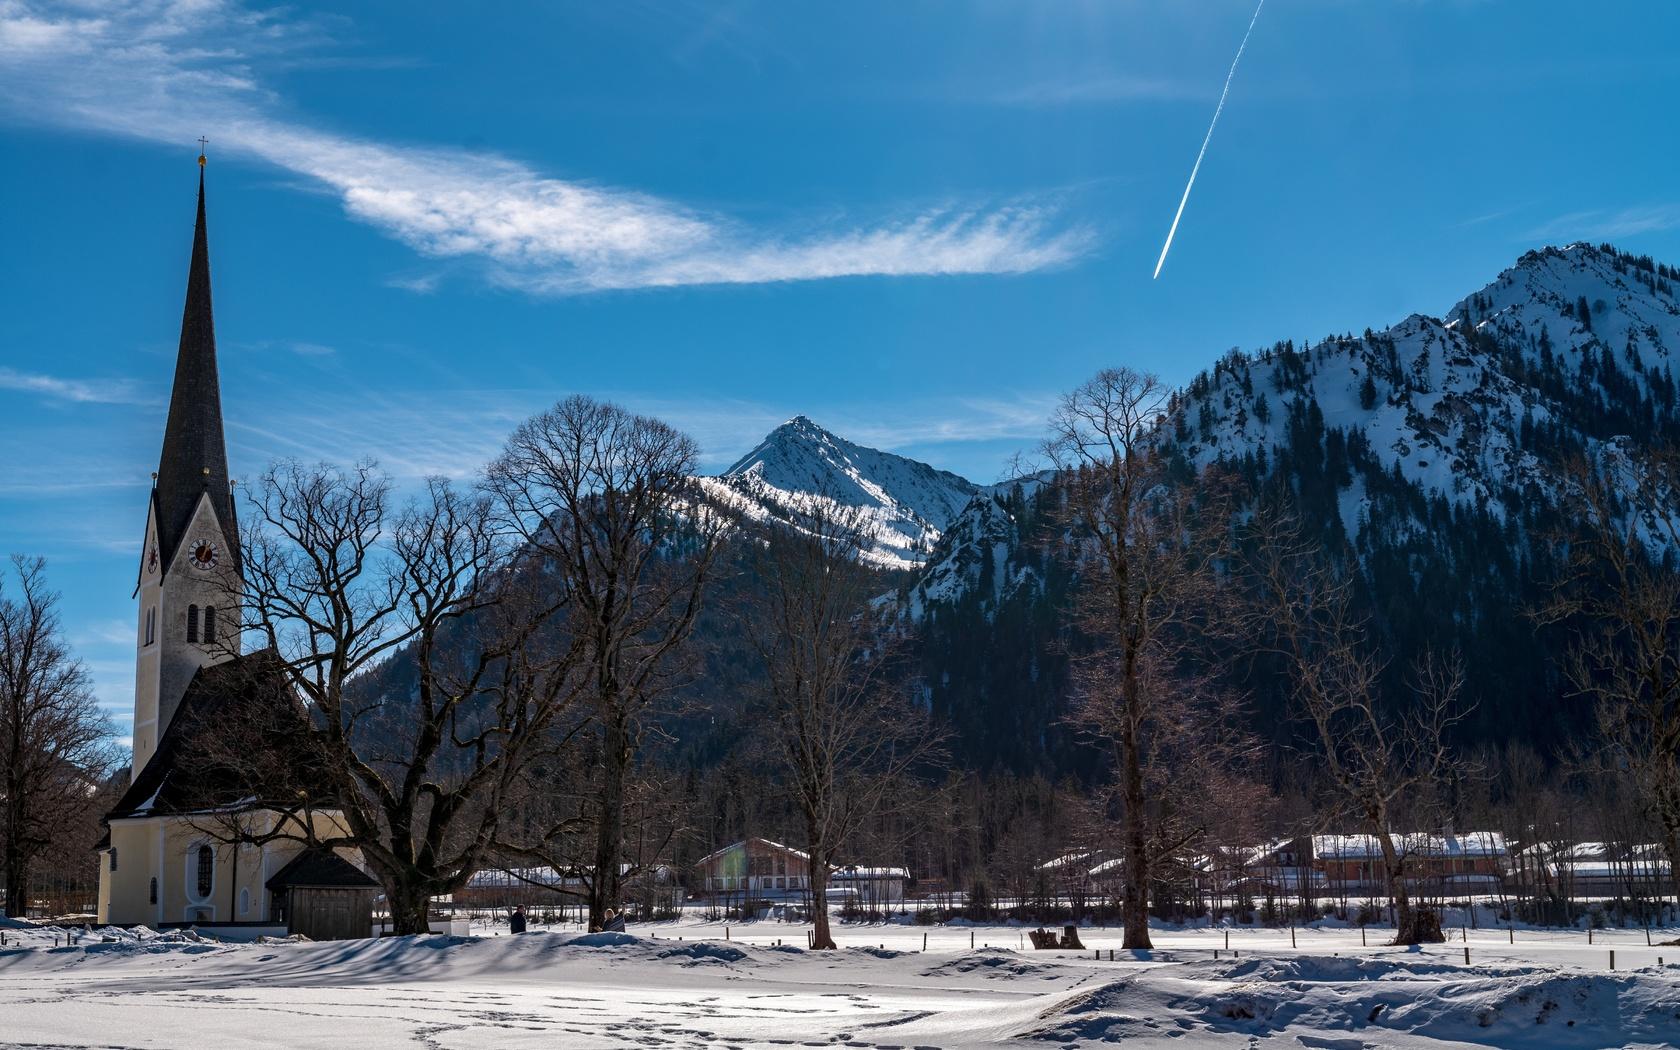 небо, горы, церковь, деревья, зима